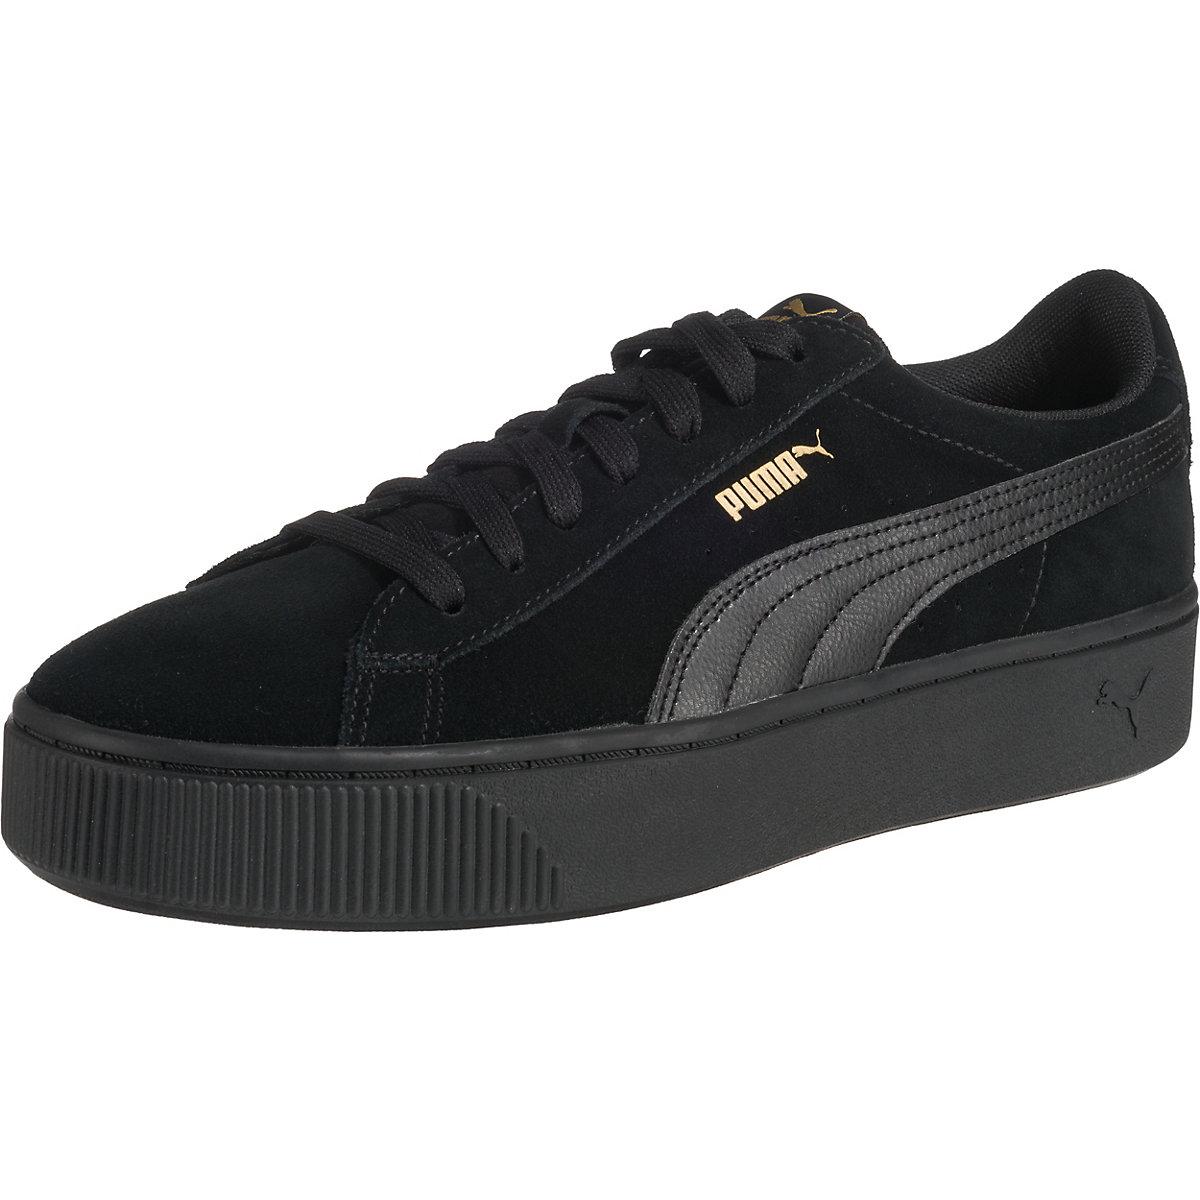 ,   Vikky Stacked SD Turnschuhe Low, schwarz  Gute Qualität beliebte Schuhe